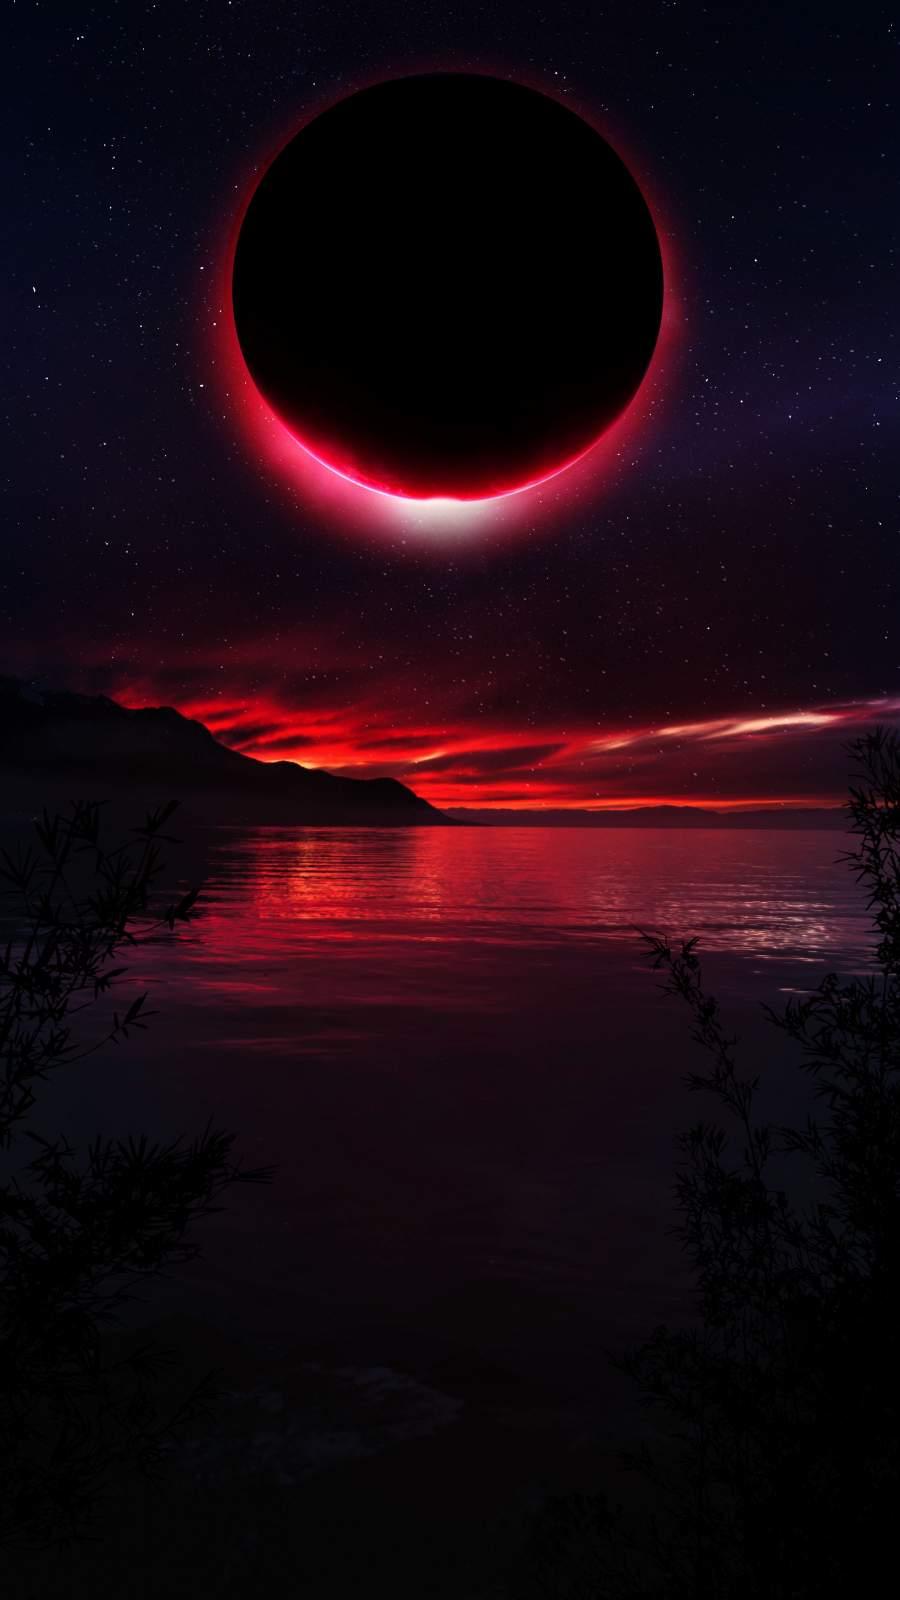 Red Eclypse iPhone Wallpaper